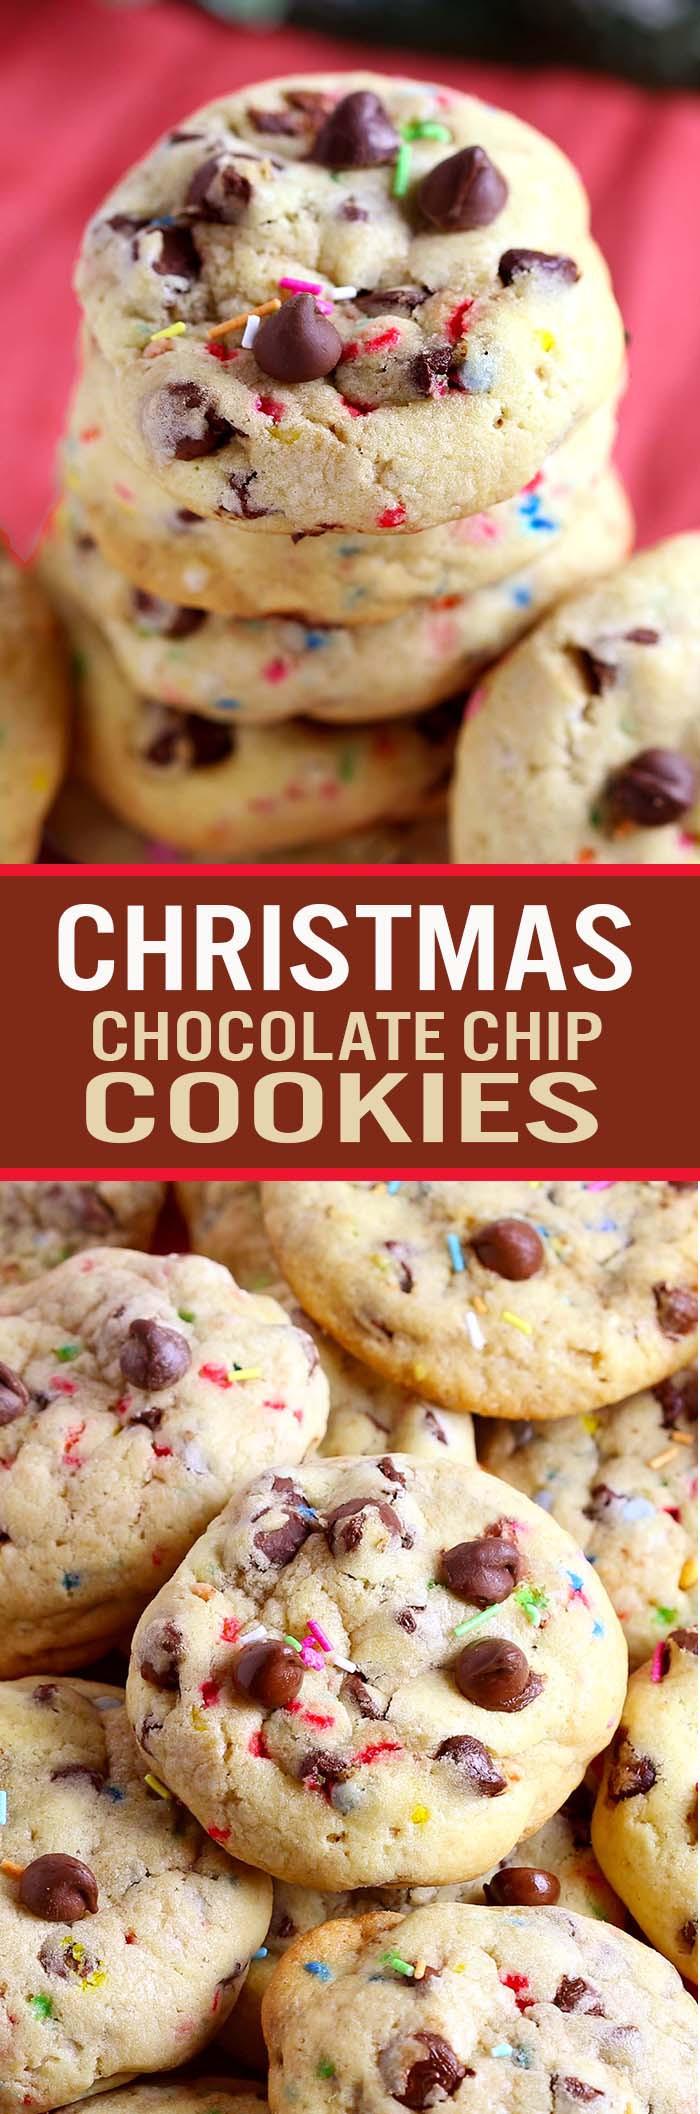 Christmas Chocolate Chip Cookies  Christmas Chocolate Chip Cookies Cakescottage